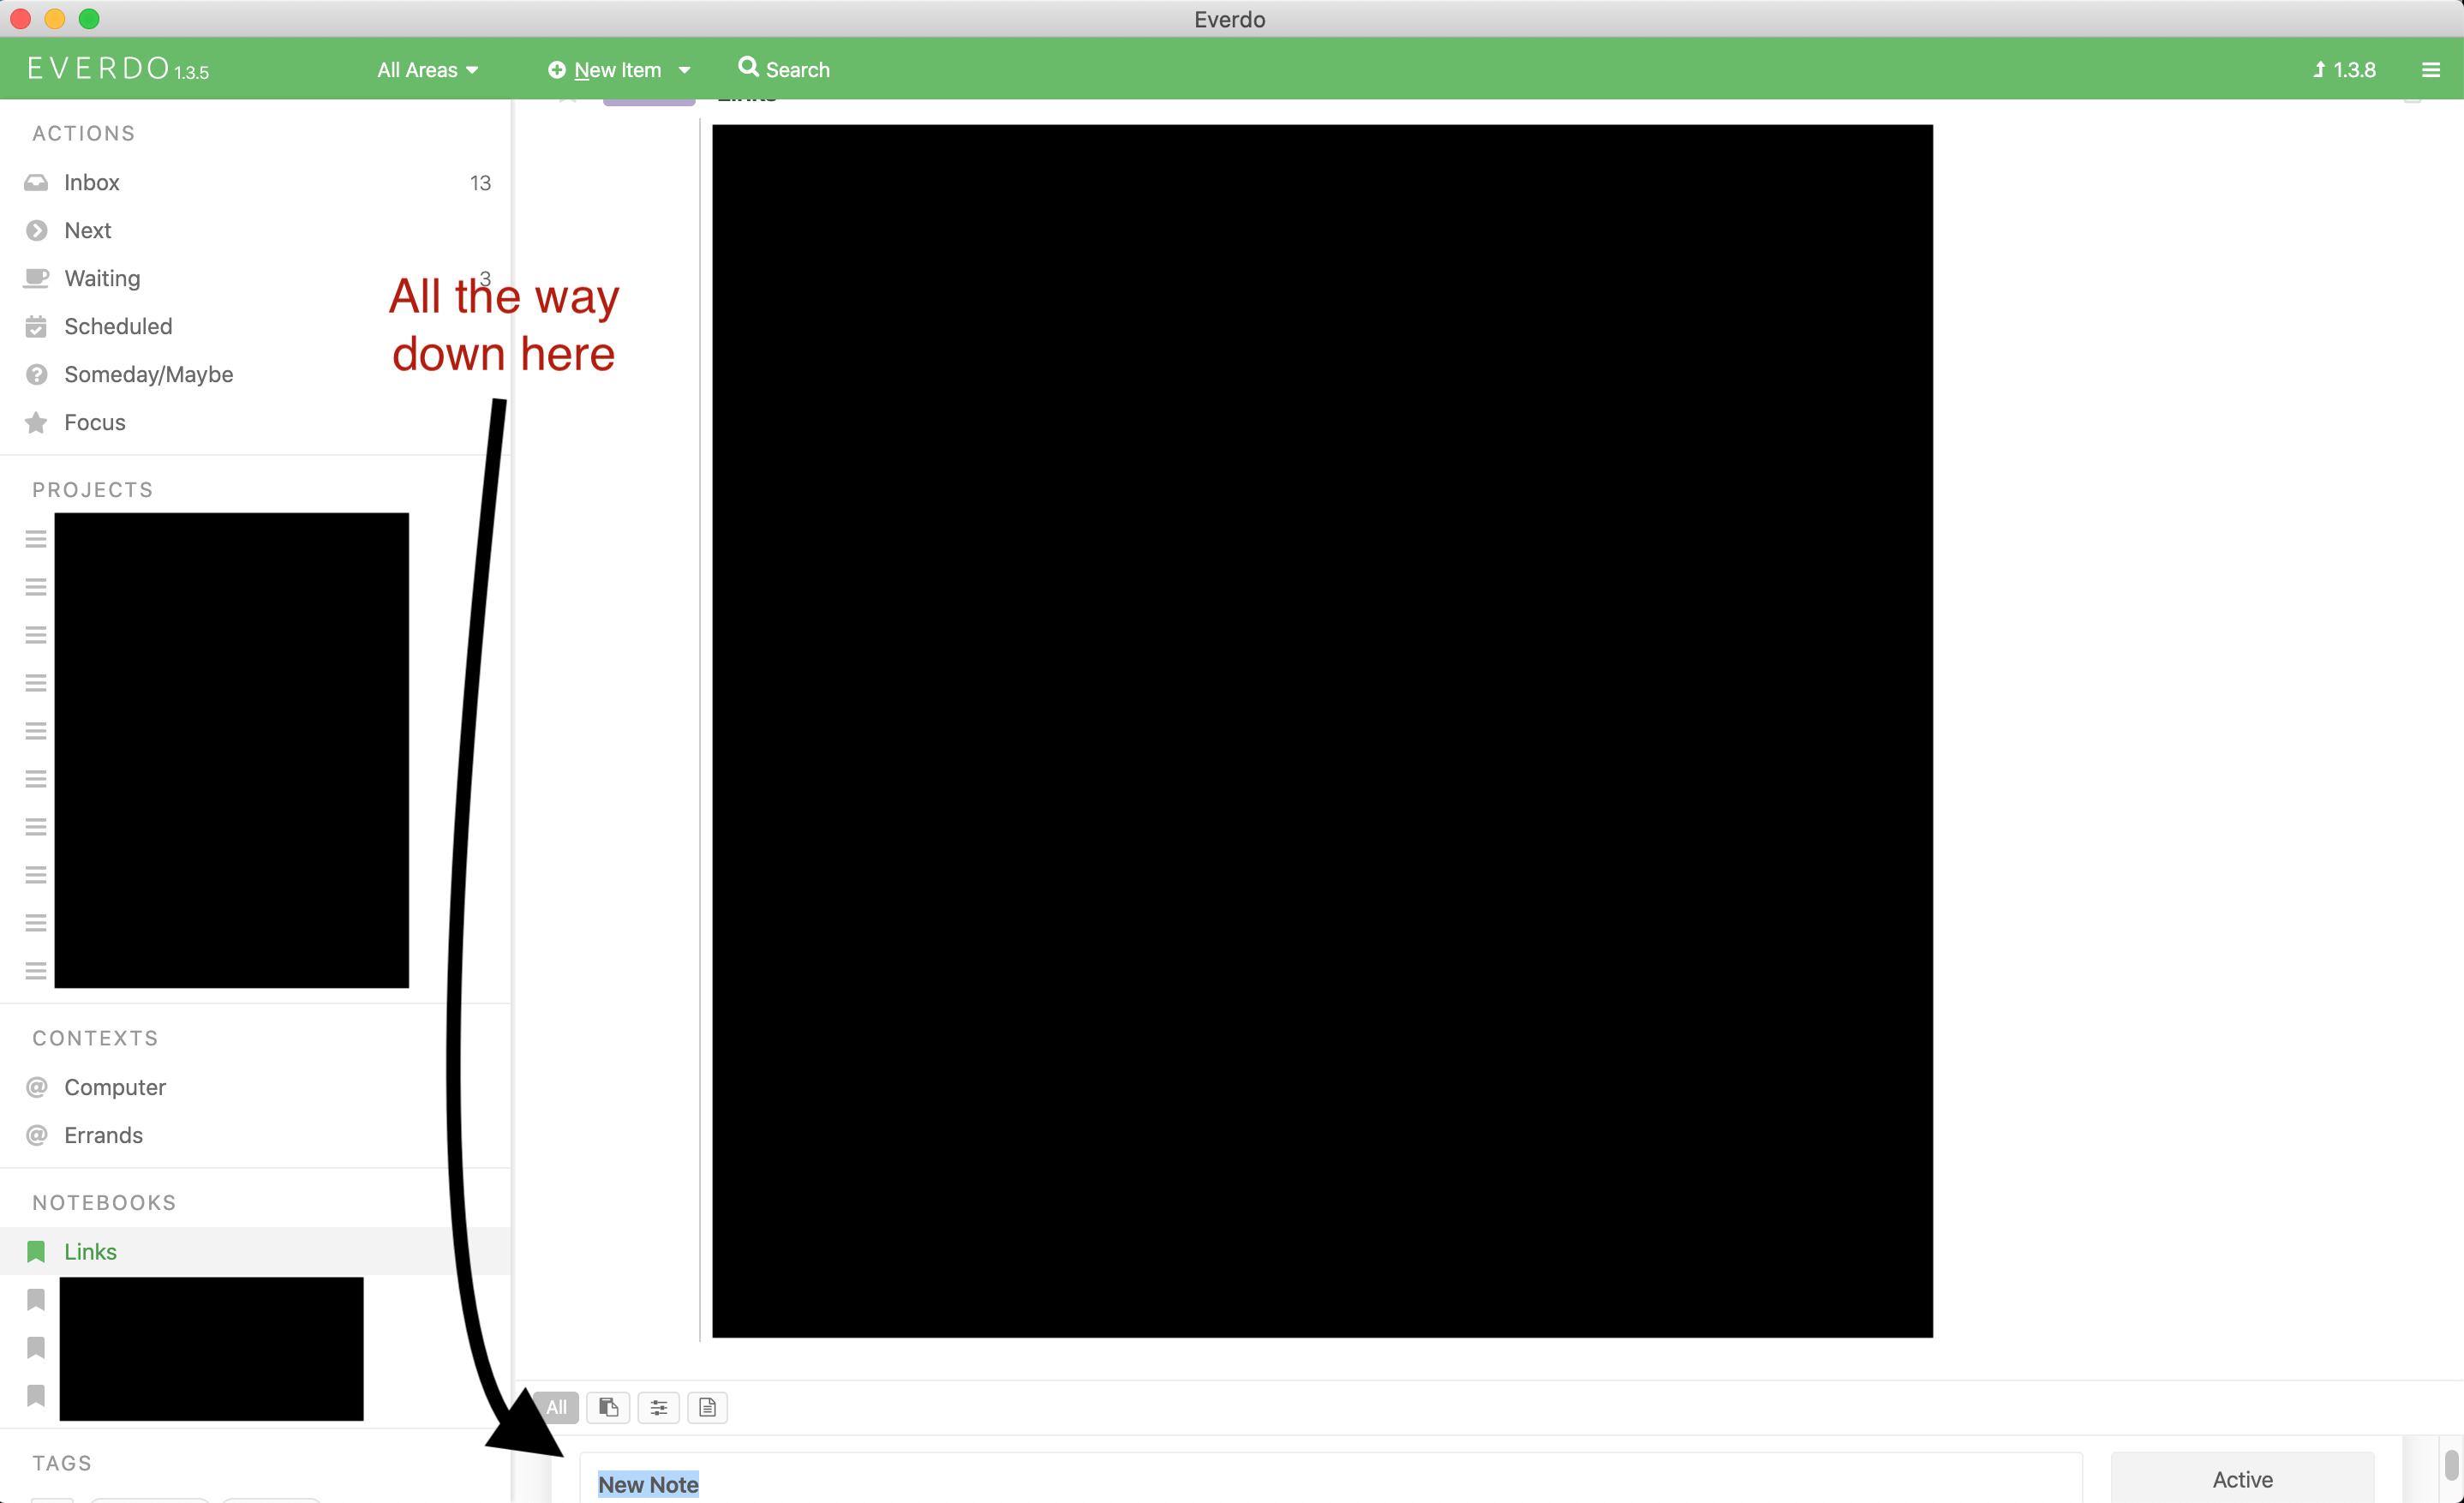 Screenshot 2020-06-22 at 13.45.09